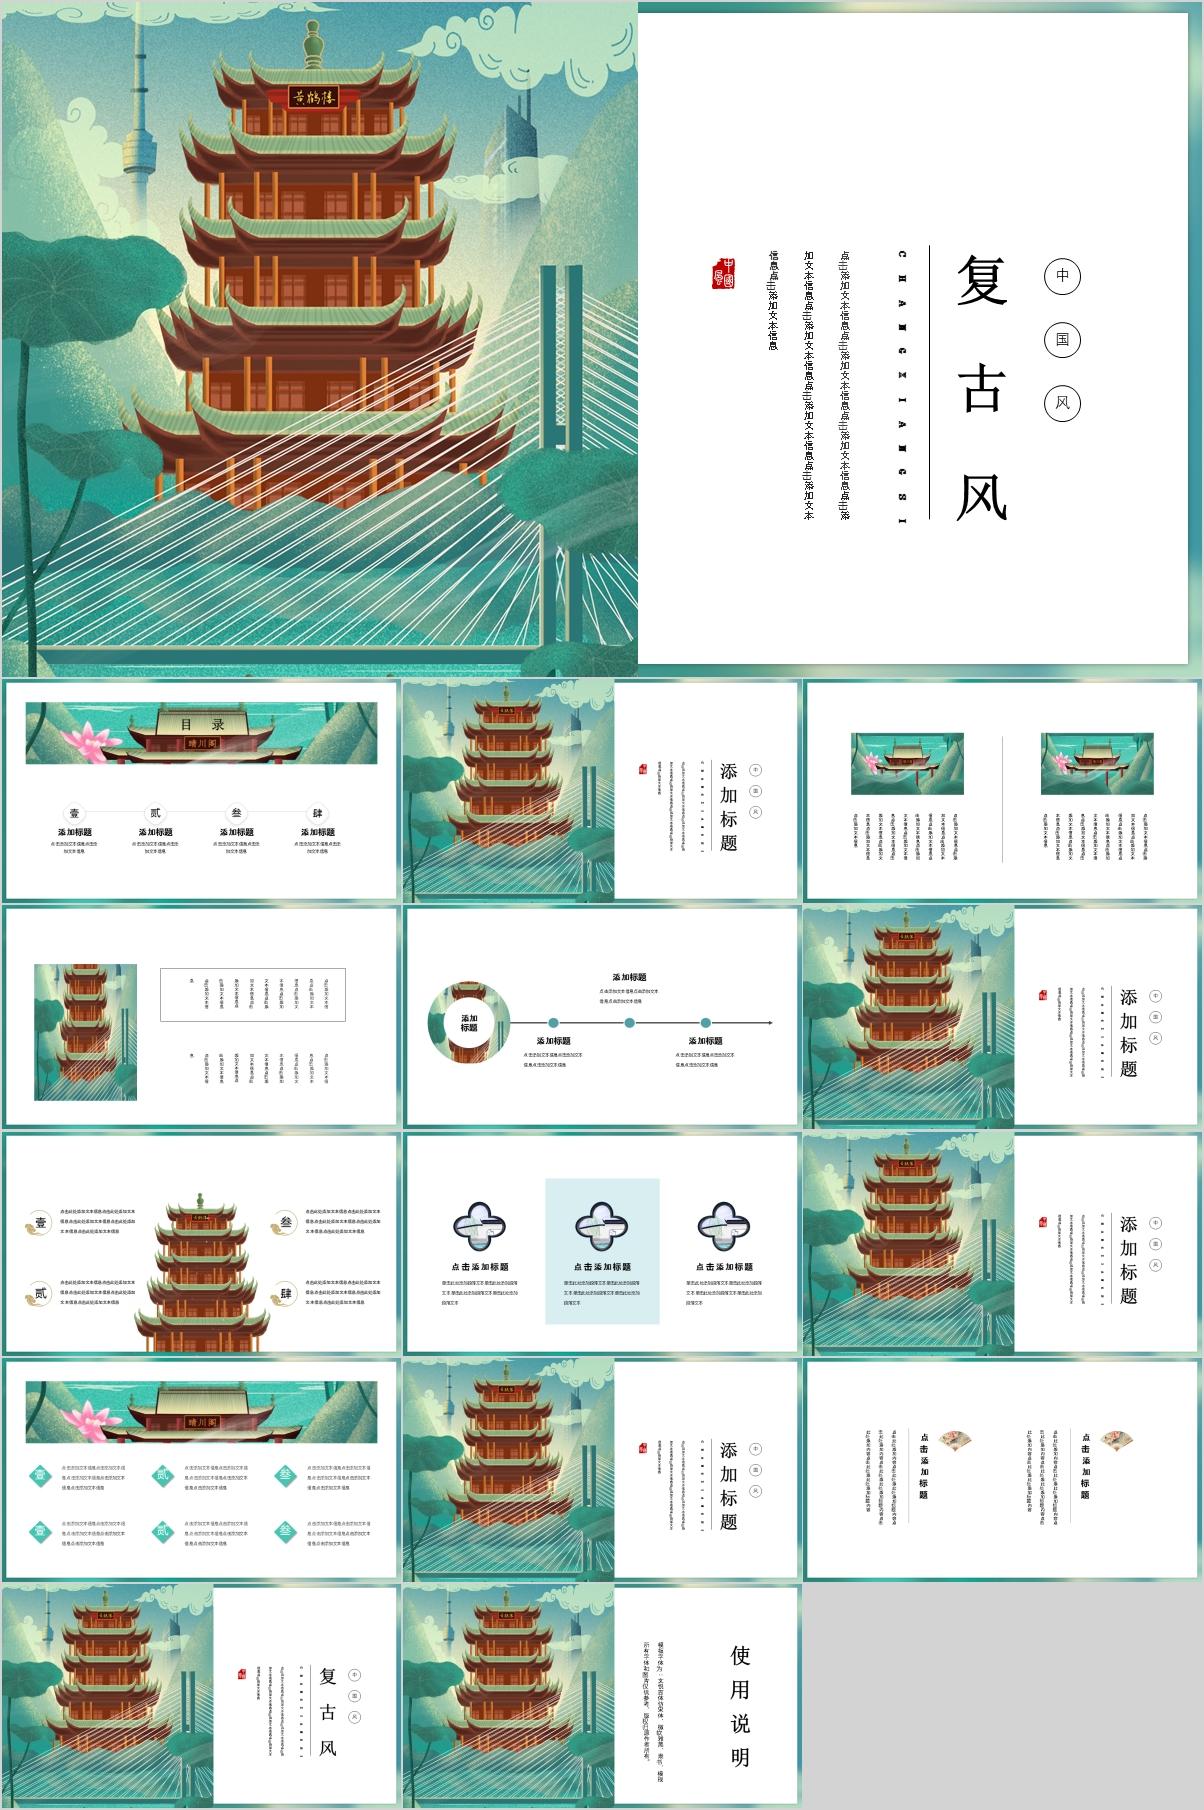 【PPT】国潮复古建筑唯美中国风简约PPT模板-爱资源分享